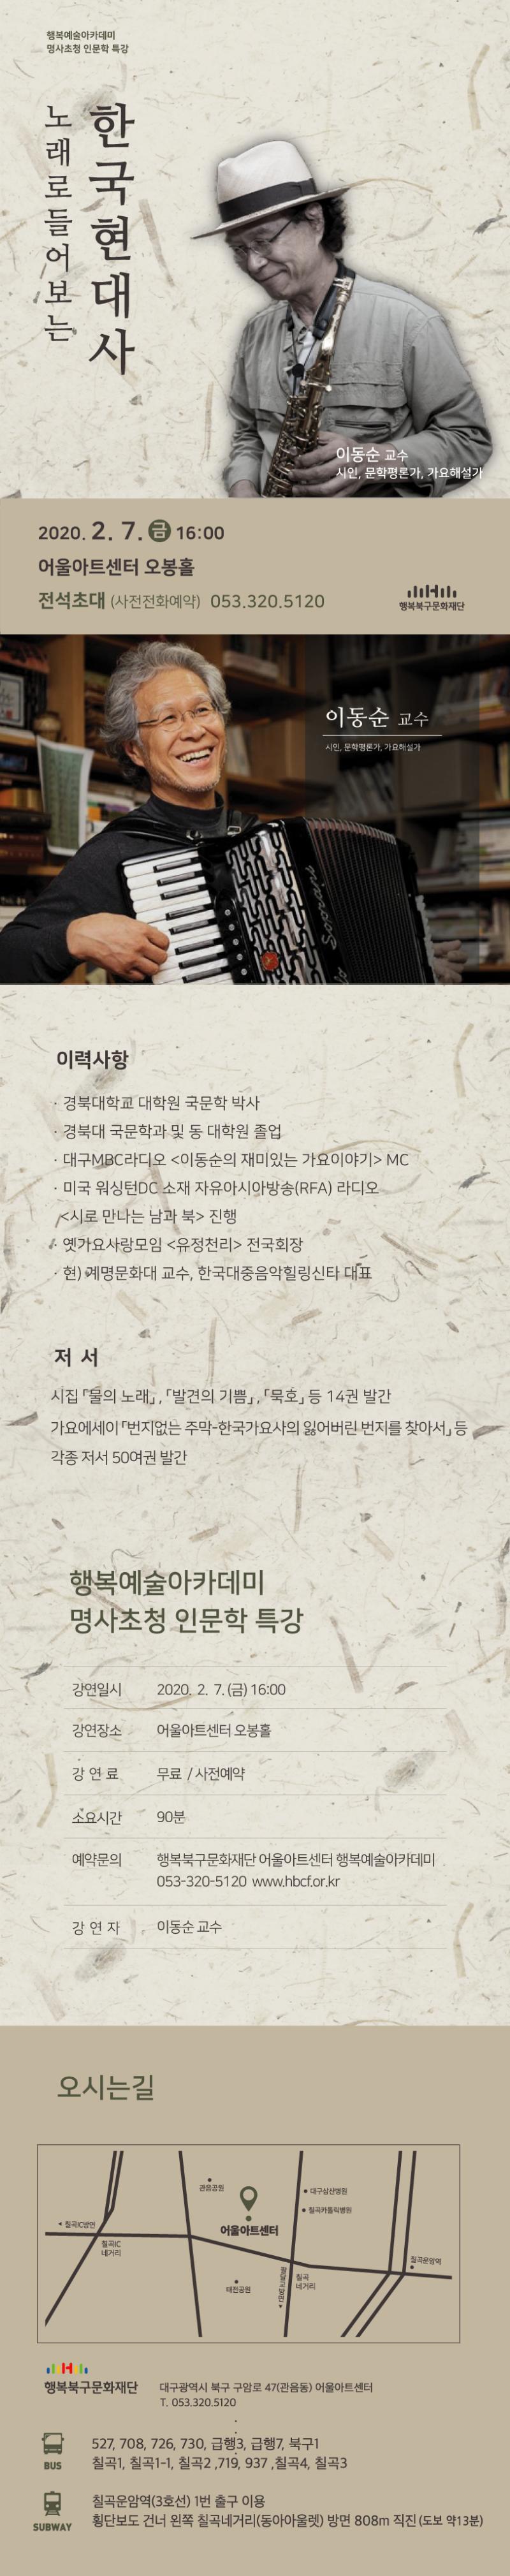 인문학특강(이동순)_웹페이지(800px).png